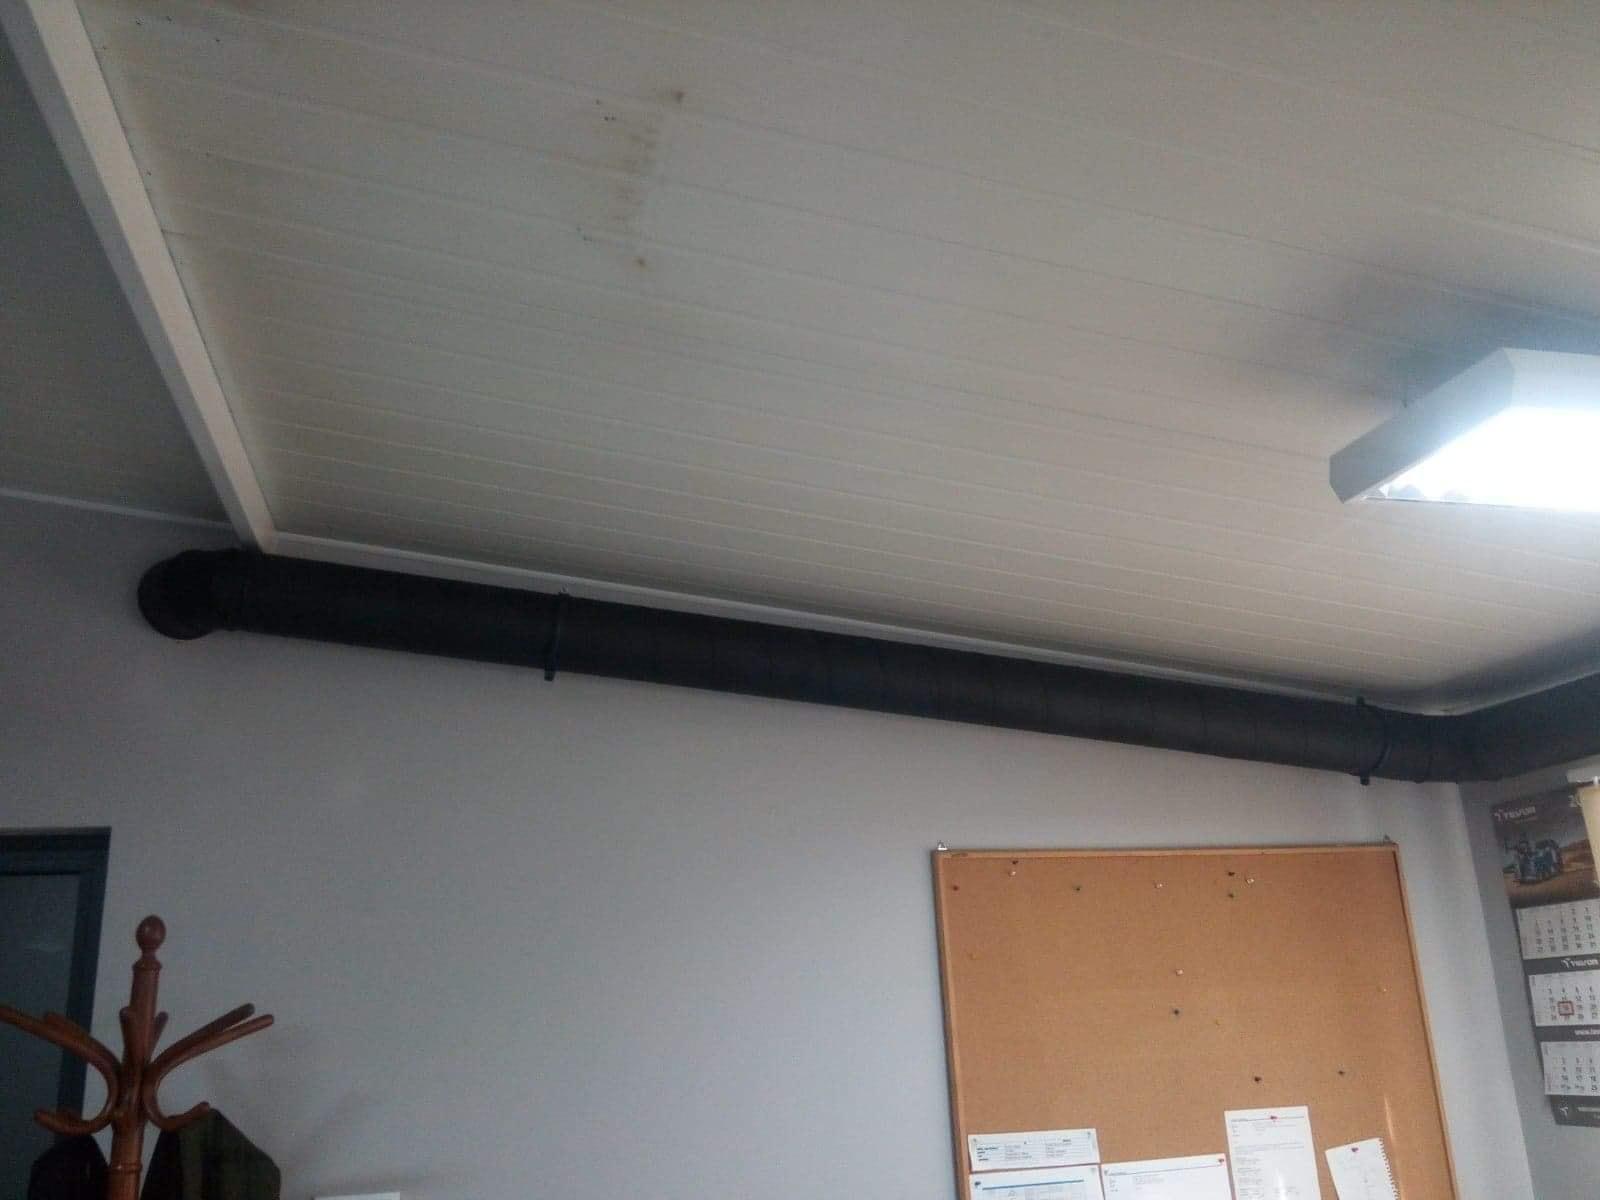 Rekuperacja w pomieszczeniach biurowych ul. Składowa. Rekuperator MITSUBISHI